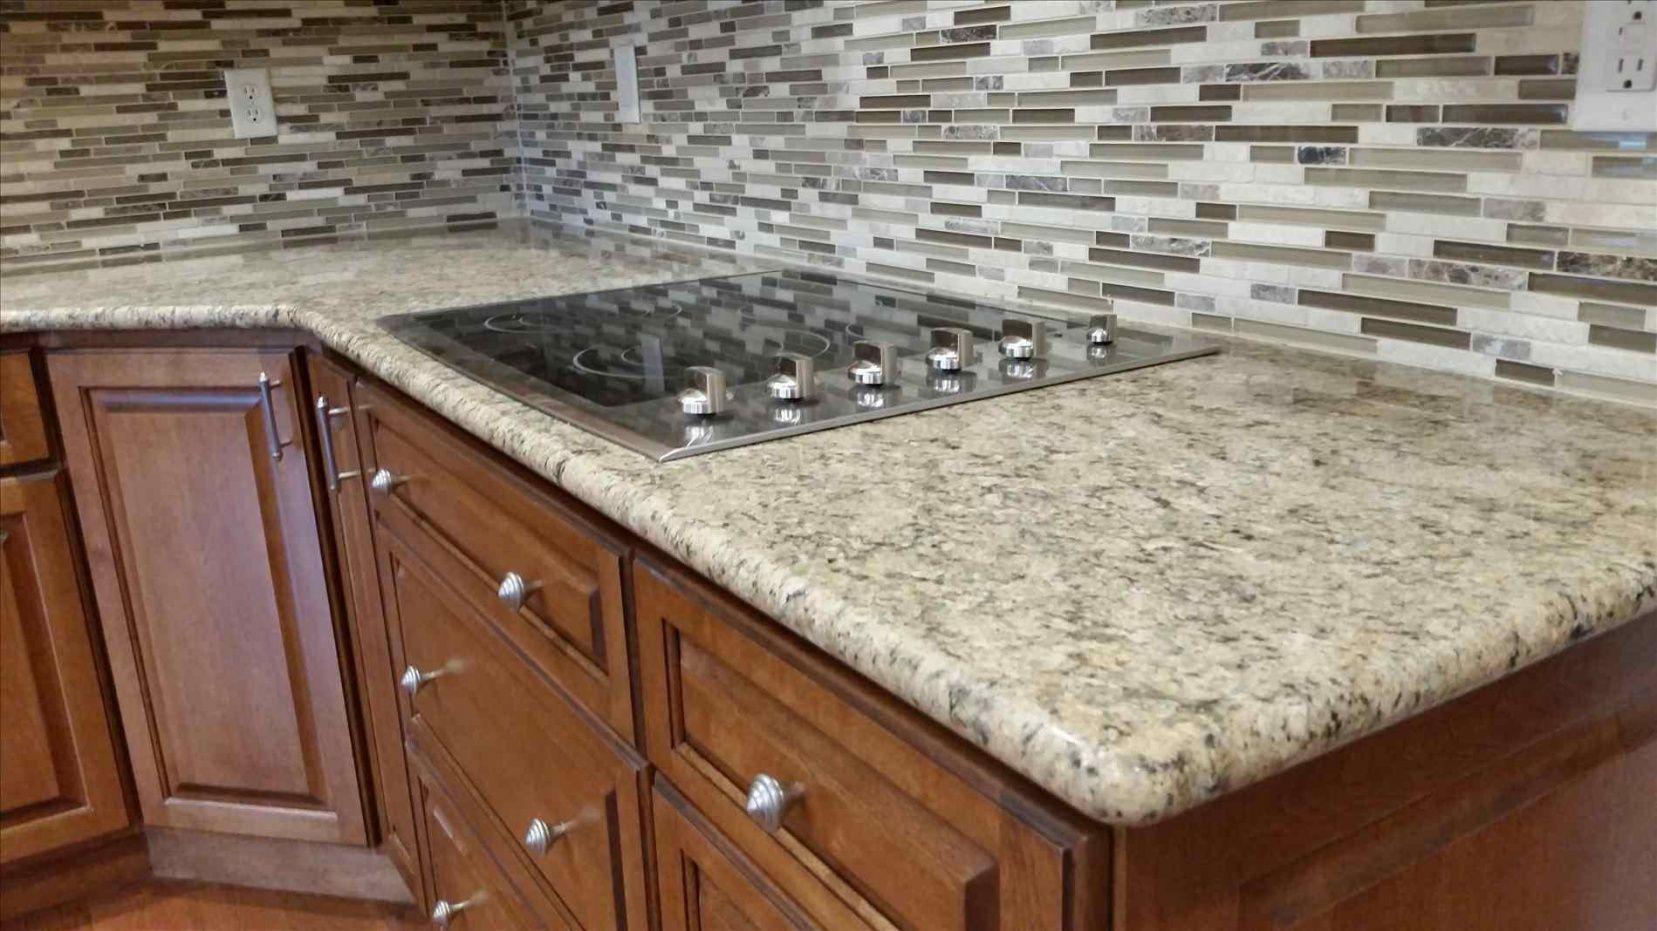 55 Cheap Prefab Granite Countertops Kitchen Island Countertop Ideas Check More At Http Kitchen Island Countertop Granite Countertops Kitchen Prefab Granite